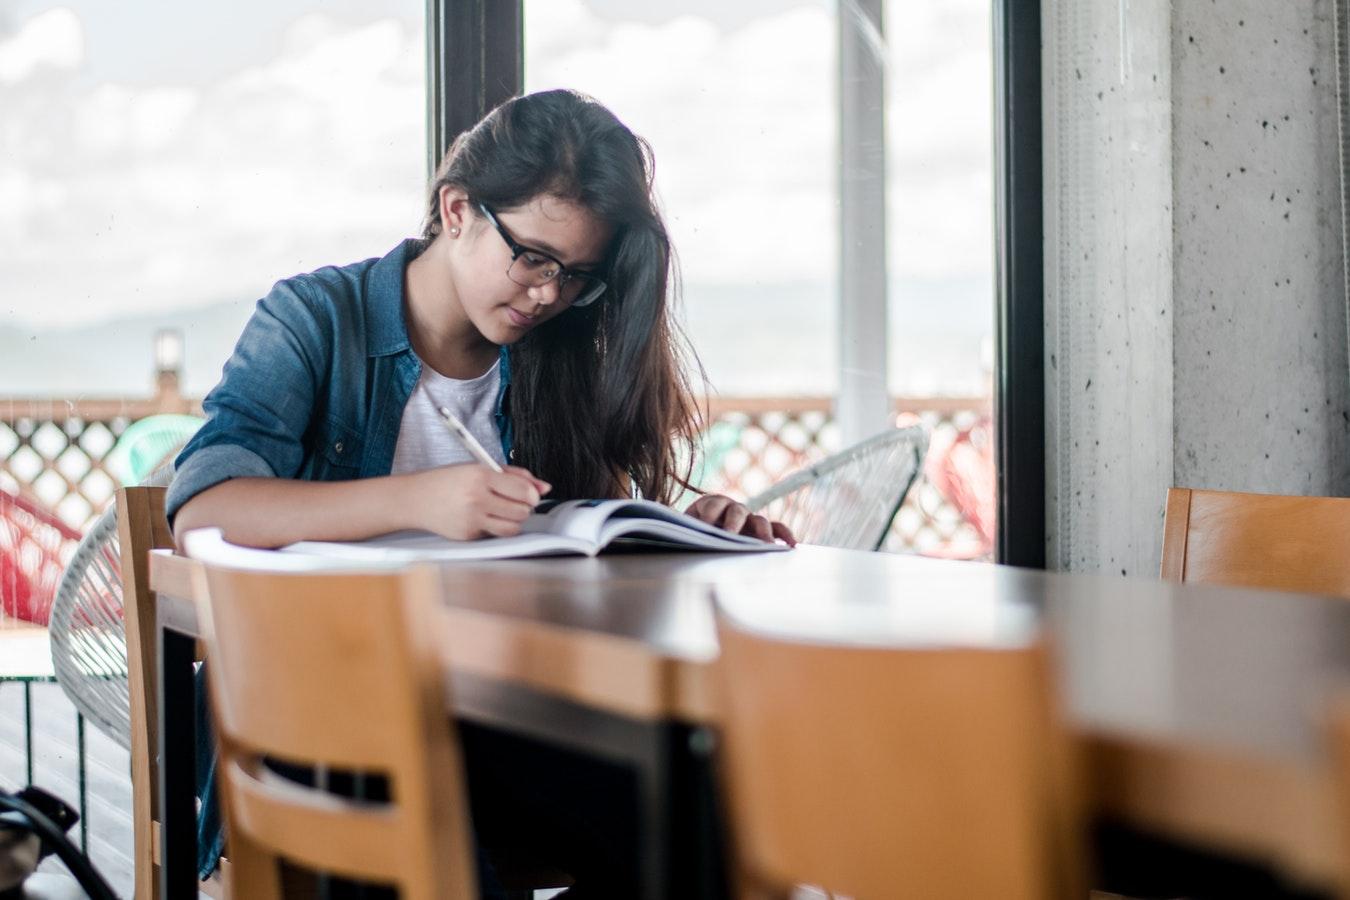 diferença universidade pública e privada - faculdade pública - UCPel é federal - UCPel